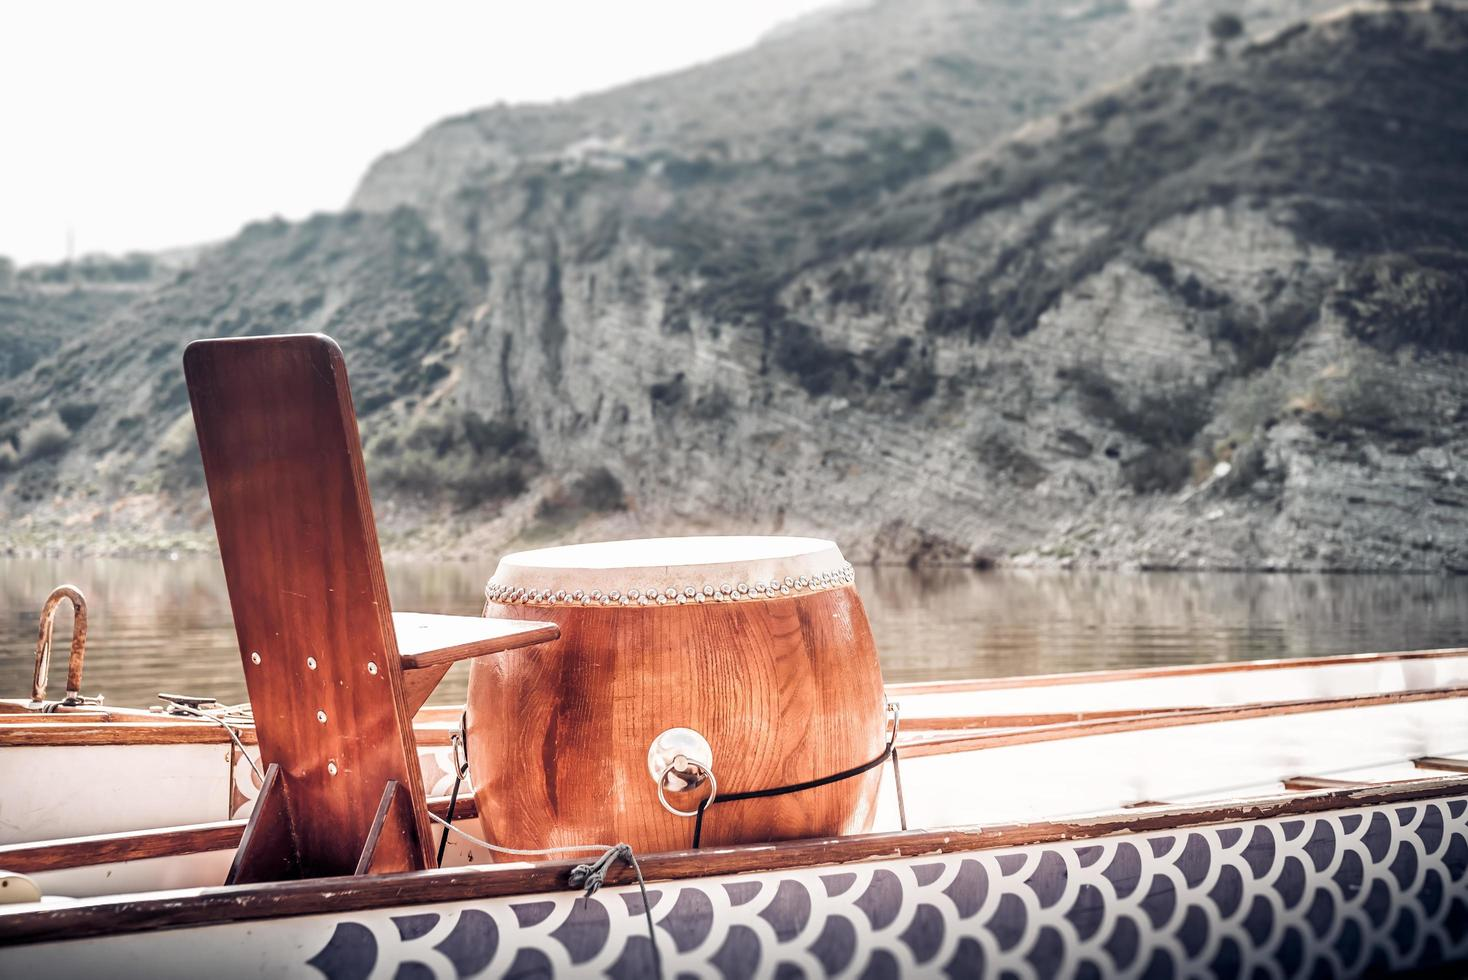 drakenboottrommel gebruikt om peddelaars te temperen foto